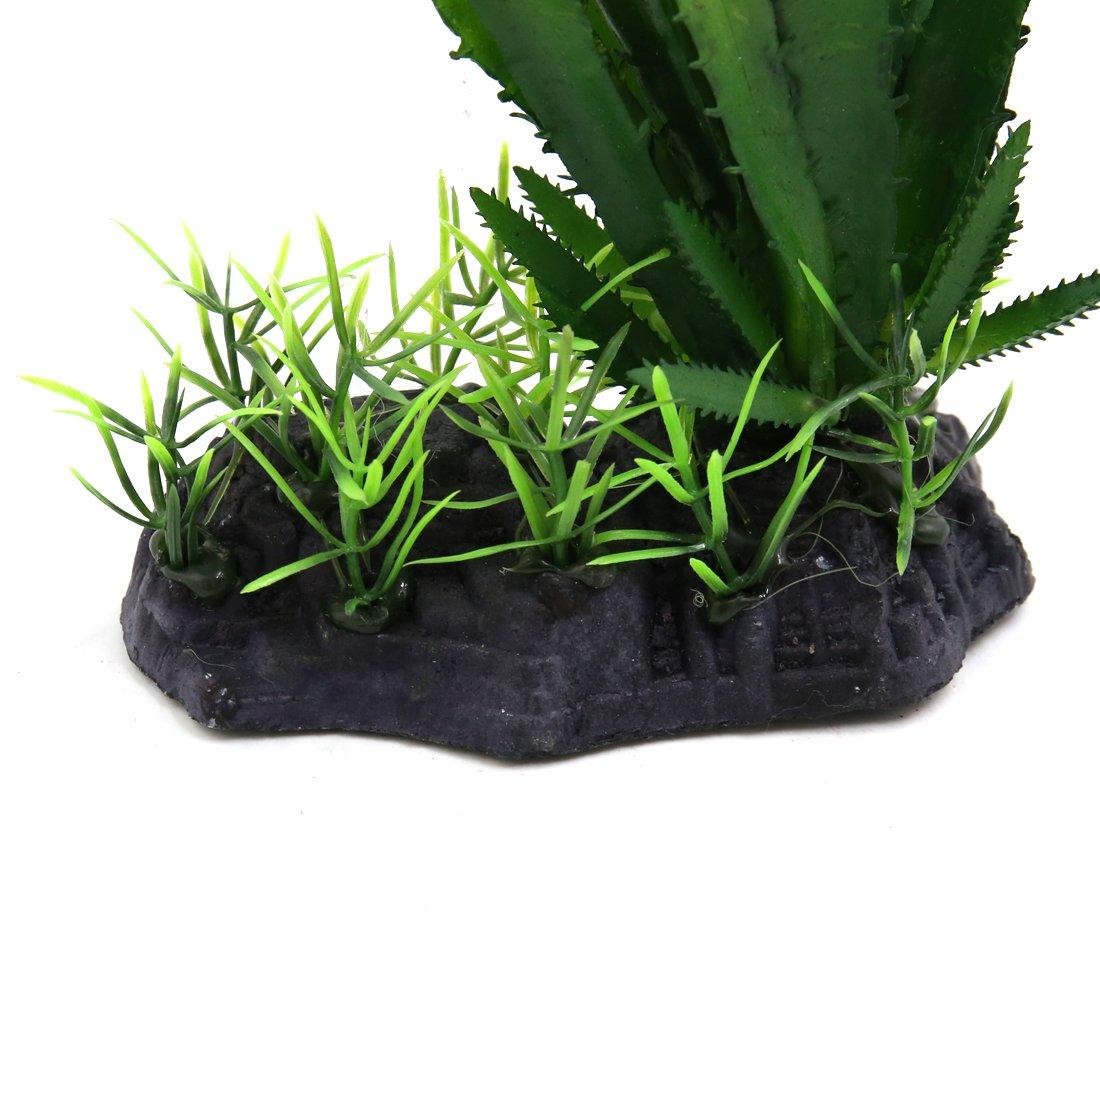 sourcing map Ornamento Planta Plástico Verde Cactus Terrario para Reptiles Y Anfibios Verde, Tipo 1 11x6.5x16cm/4.3